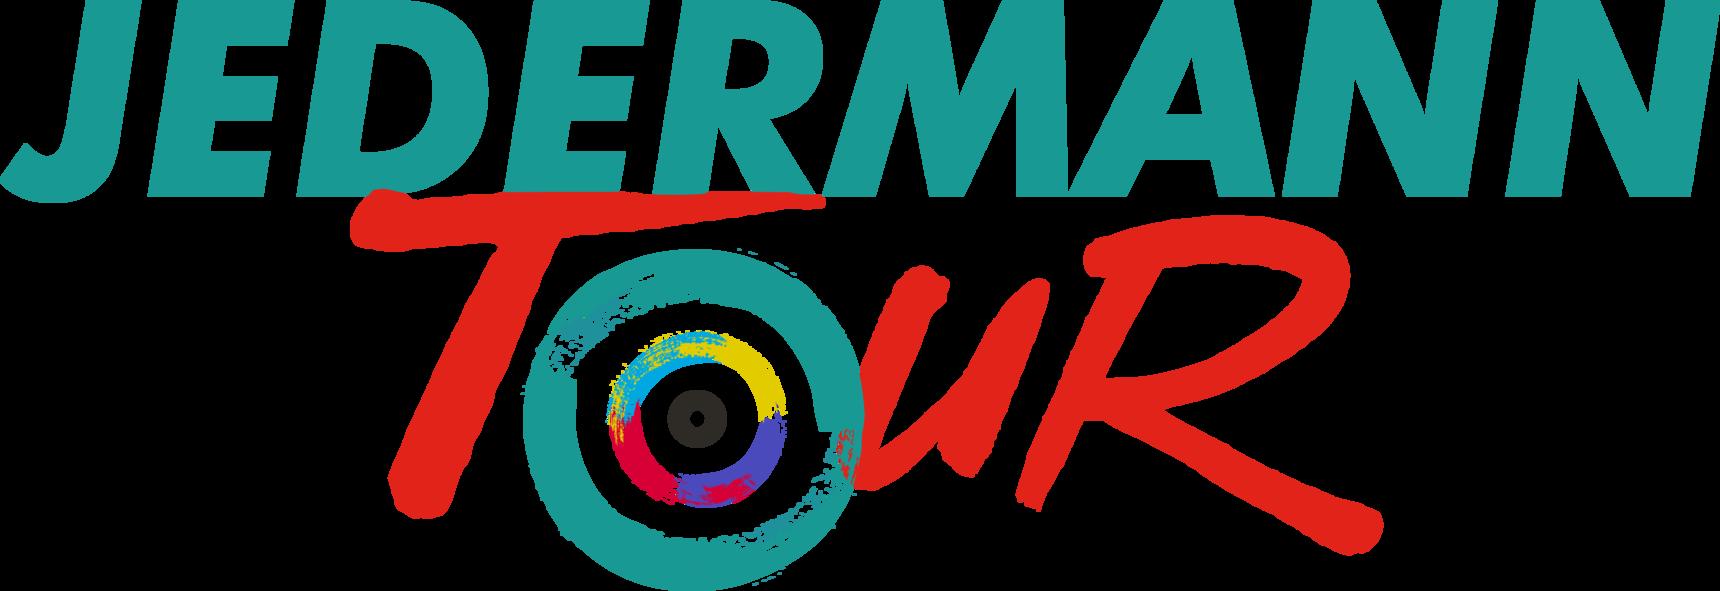 Die Jedermann Tour durch Stuttgart und die Region Stuttgart